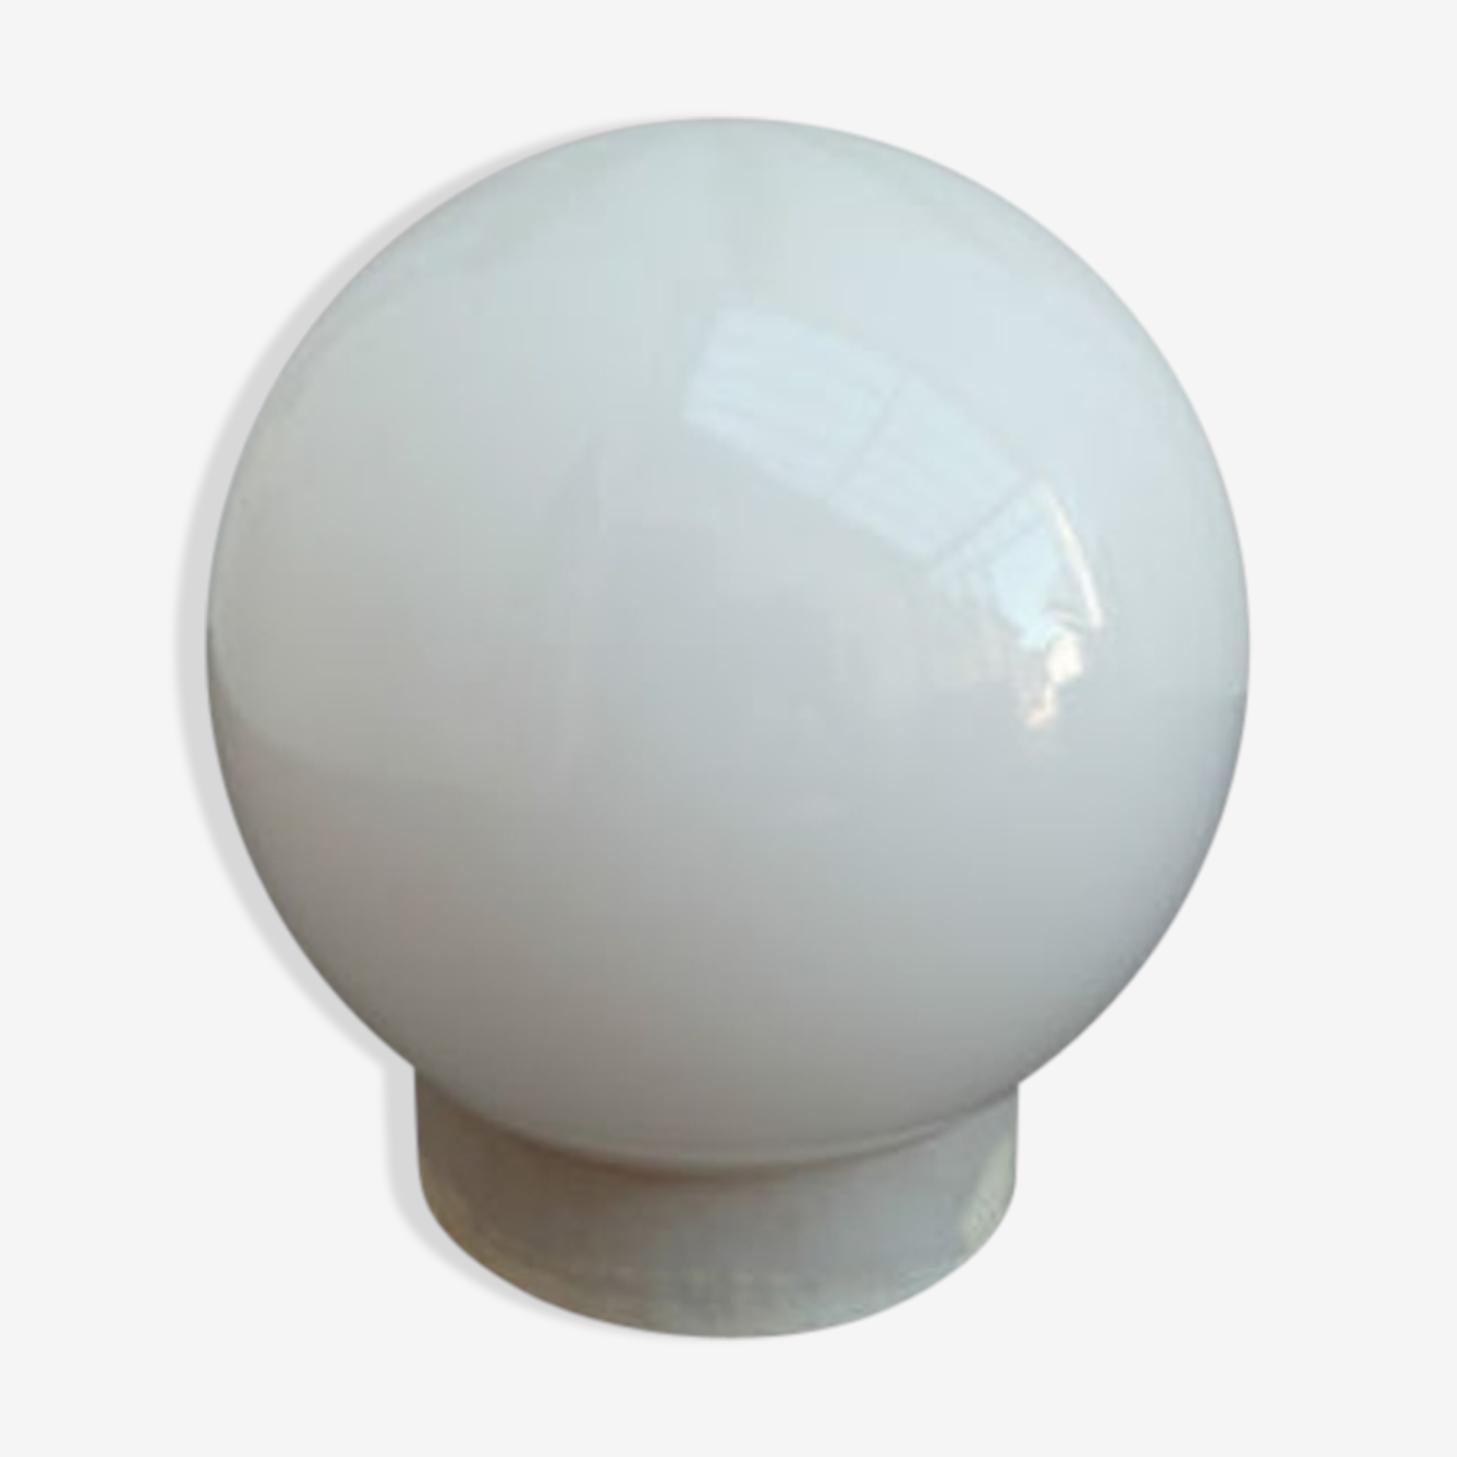 Ceiling light ball